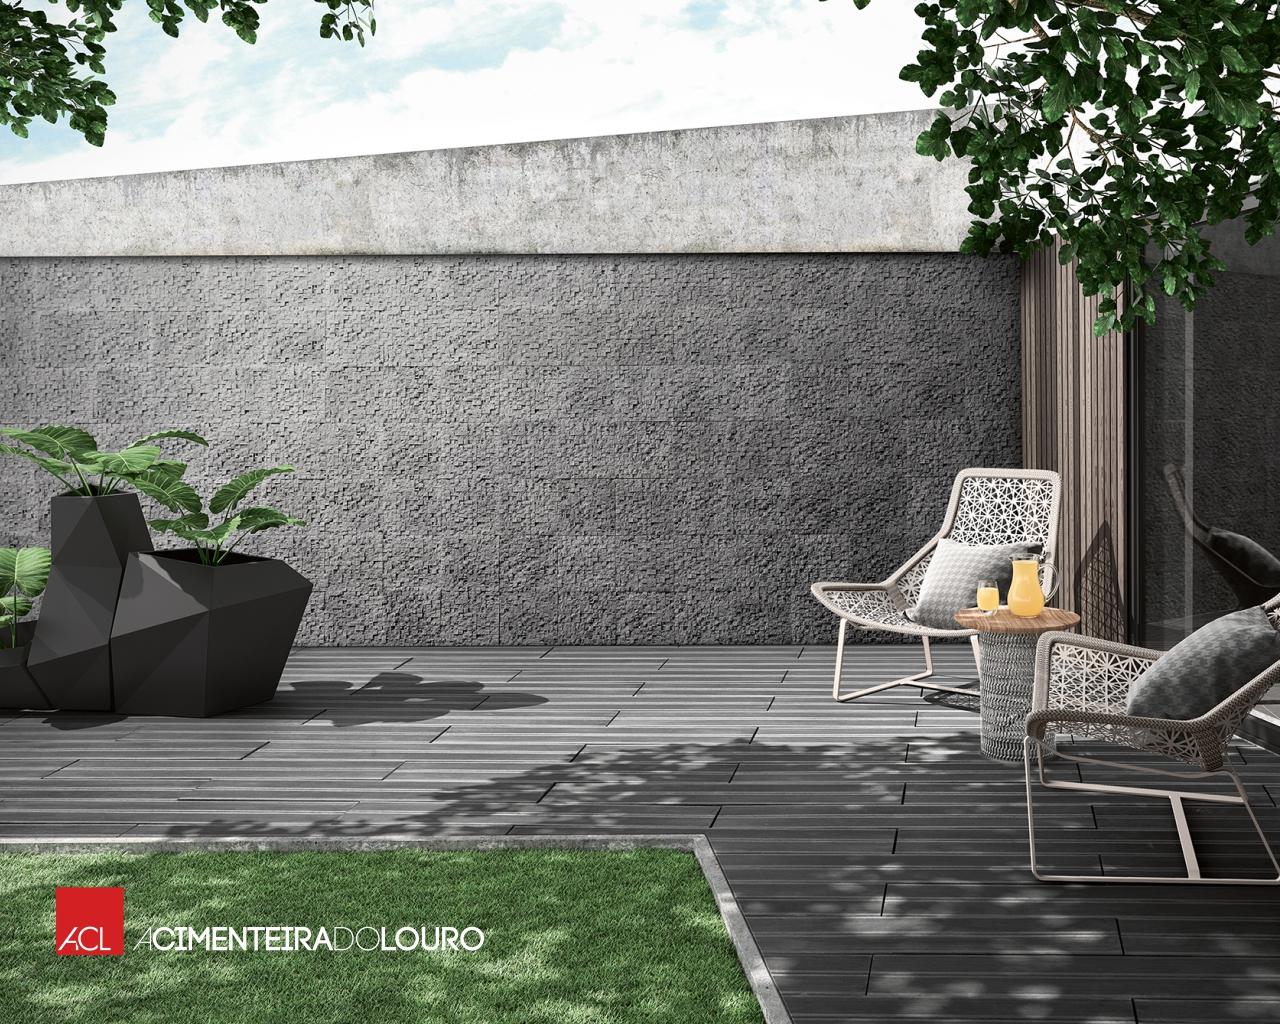 Extravagante, In Harmonie Zusammengefügte Kubische Elemente, Machen Das  Modell CUBUS Zu Einer Perfekten Design Wahl Für Liebhaber Von Einfachem, ...